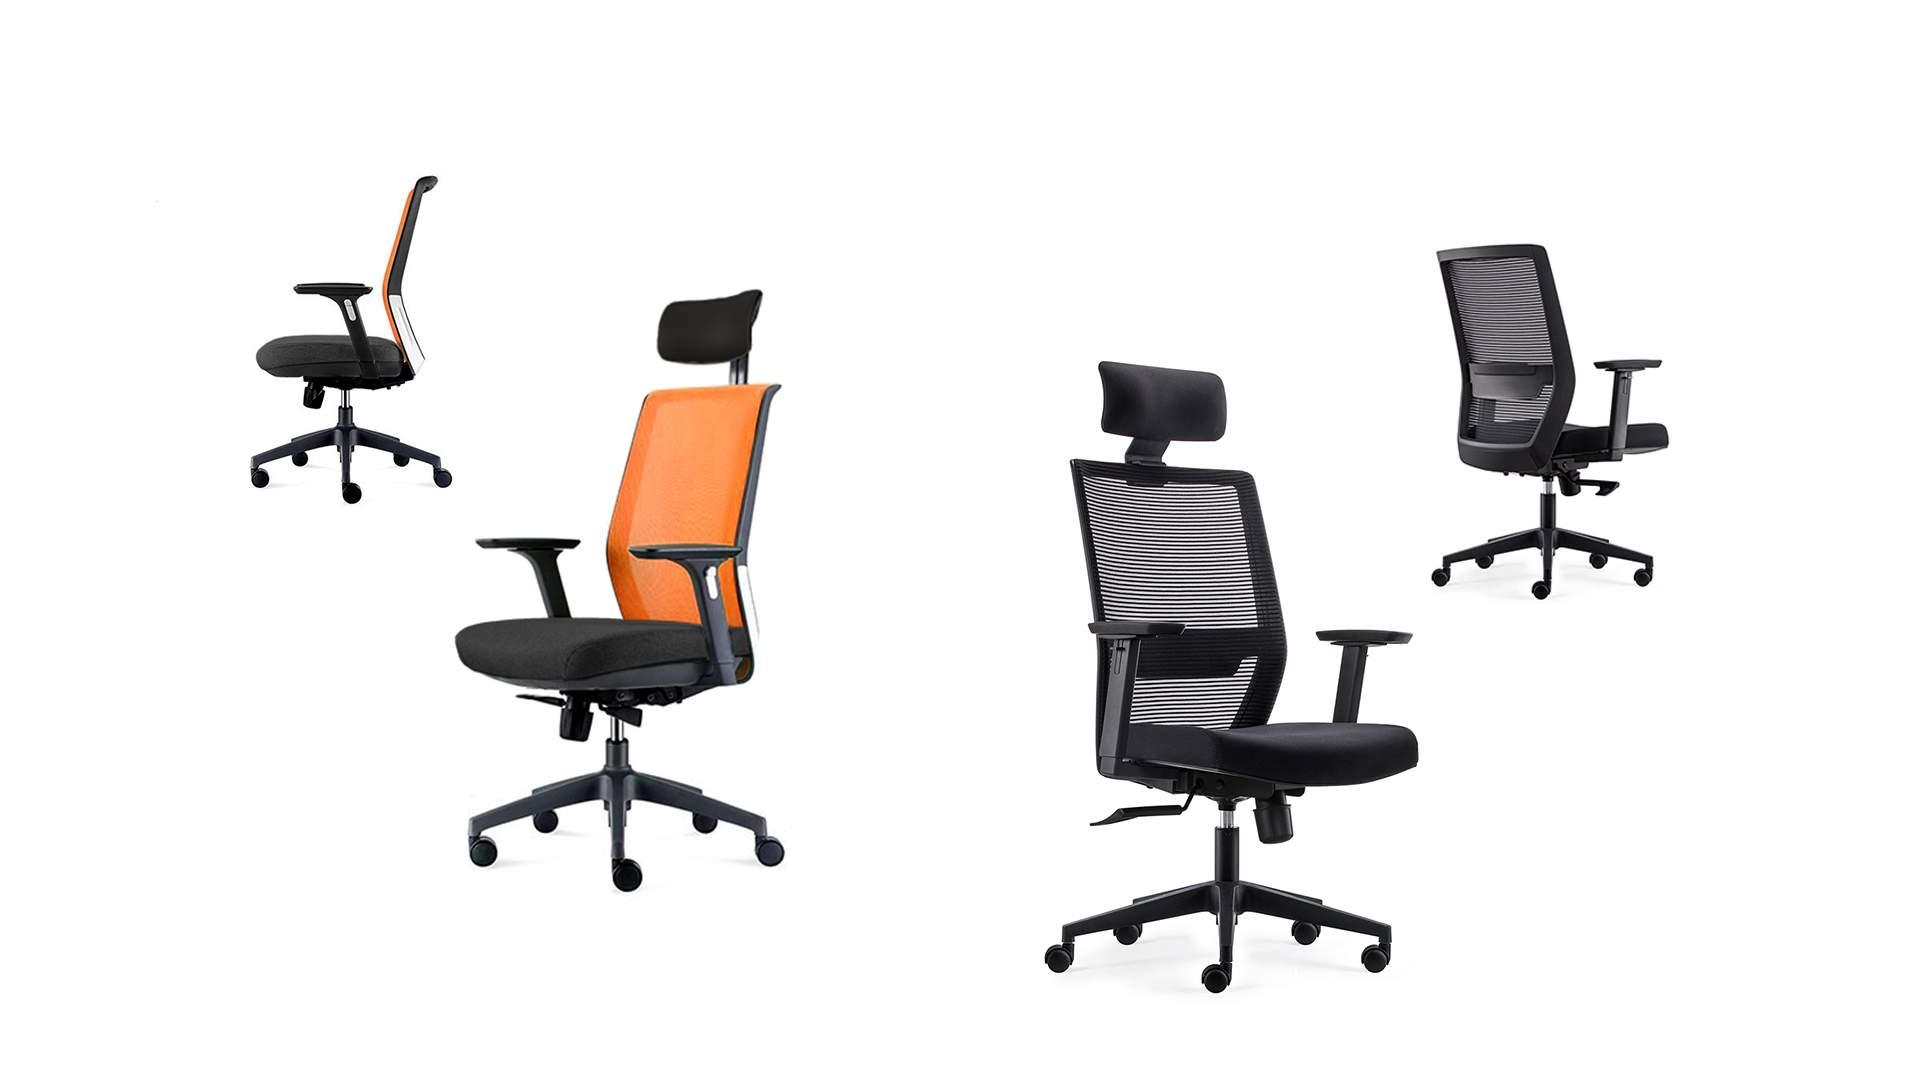 เก้าอี้สุขภาพ, เก้าอี้ทำงาน, ทำงานที่บ้าน, เวิร์คฟอร์มโฮม, WFH